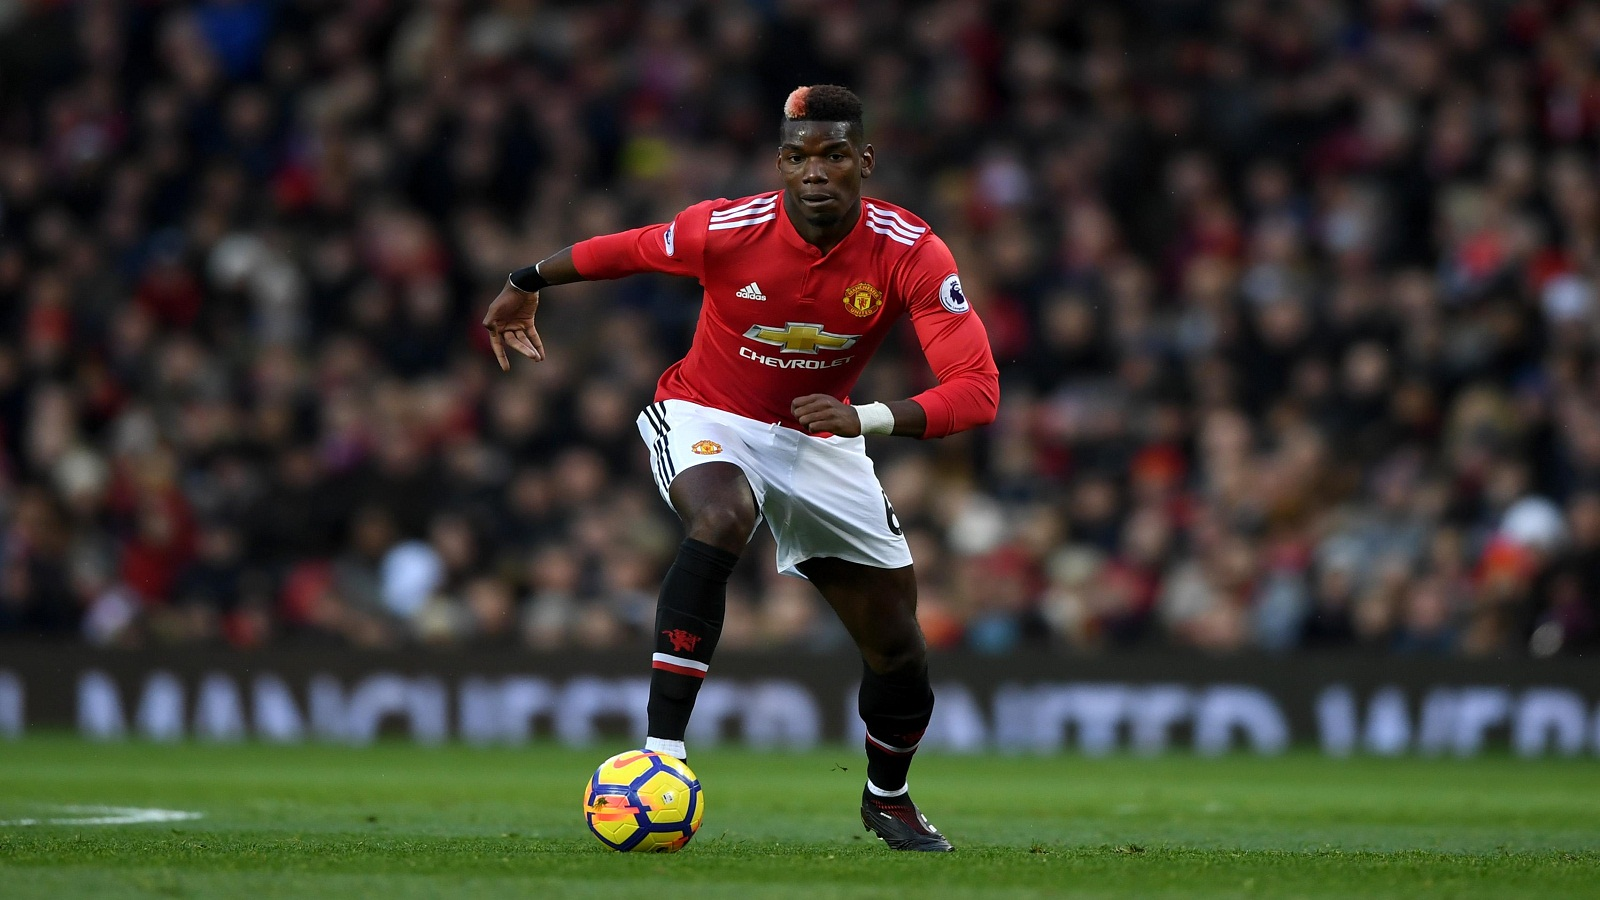 El Manchester United venderá a Paul Pogba este verano